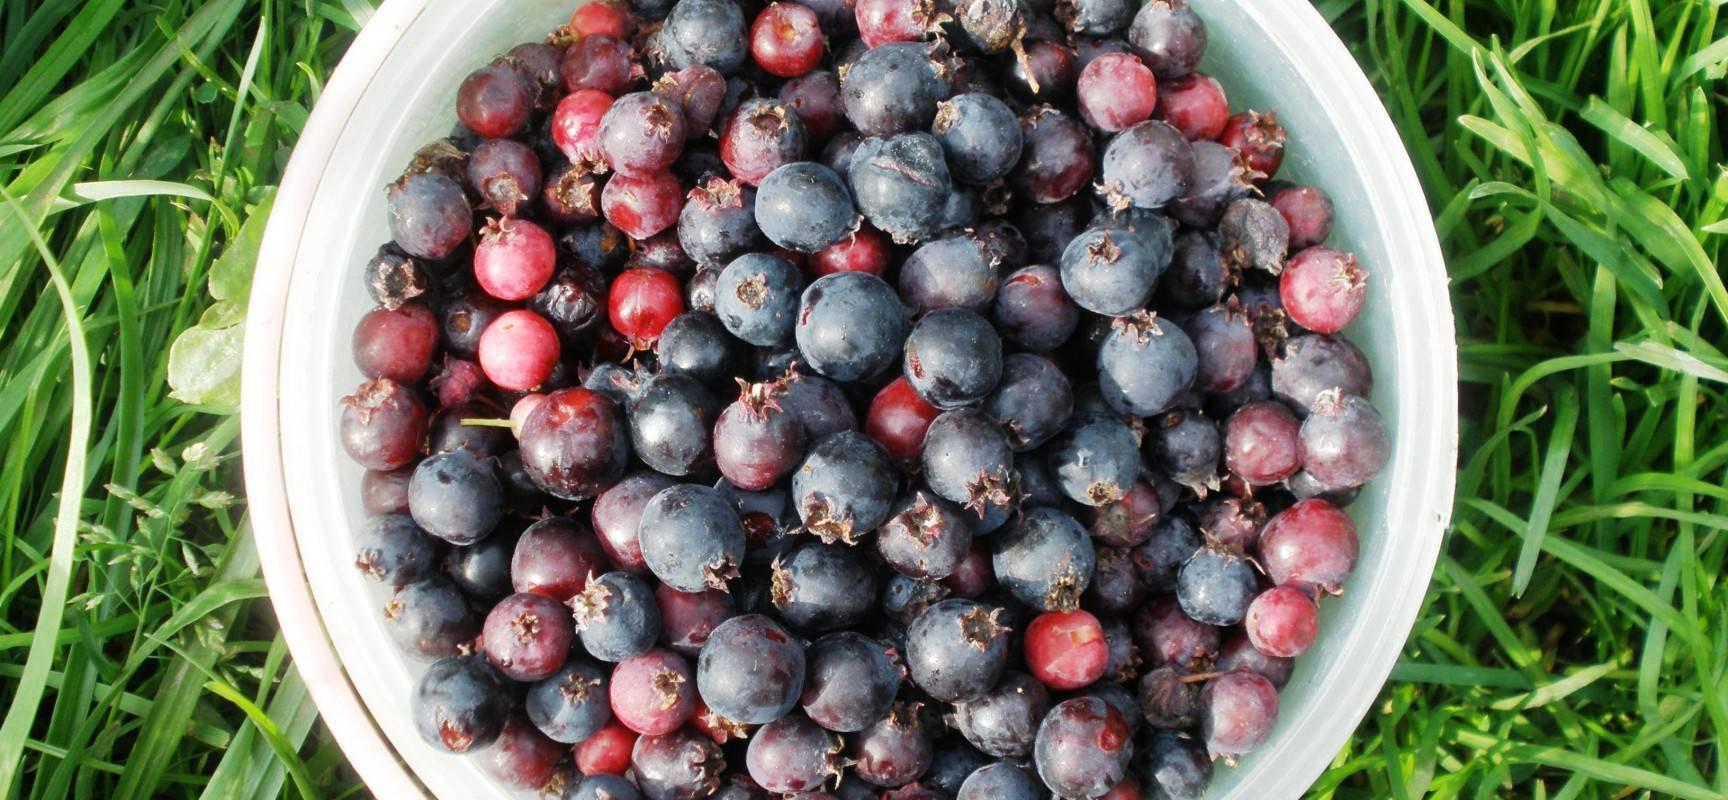 Чем может навредить ирга, полезные свойства растения и как правильно употреблять ягоды